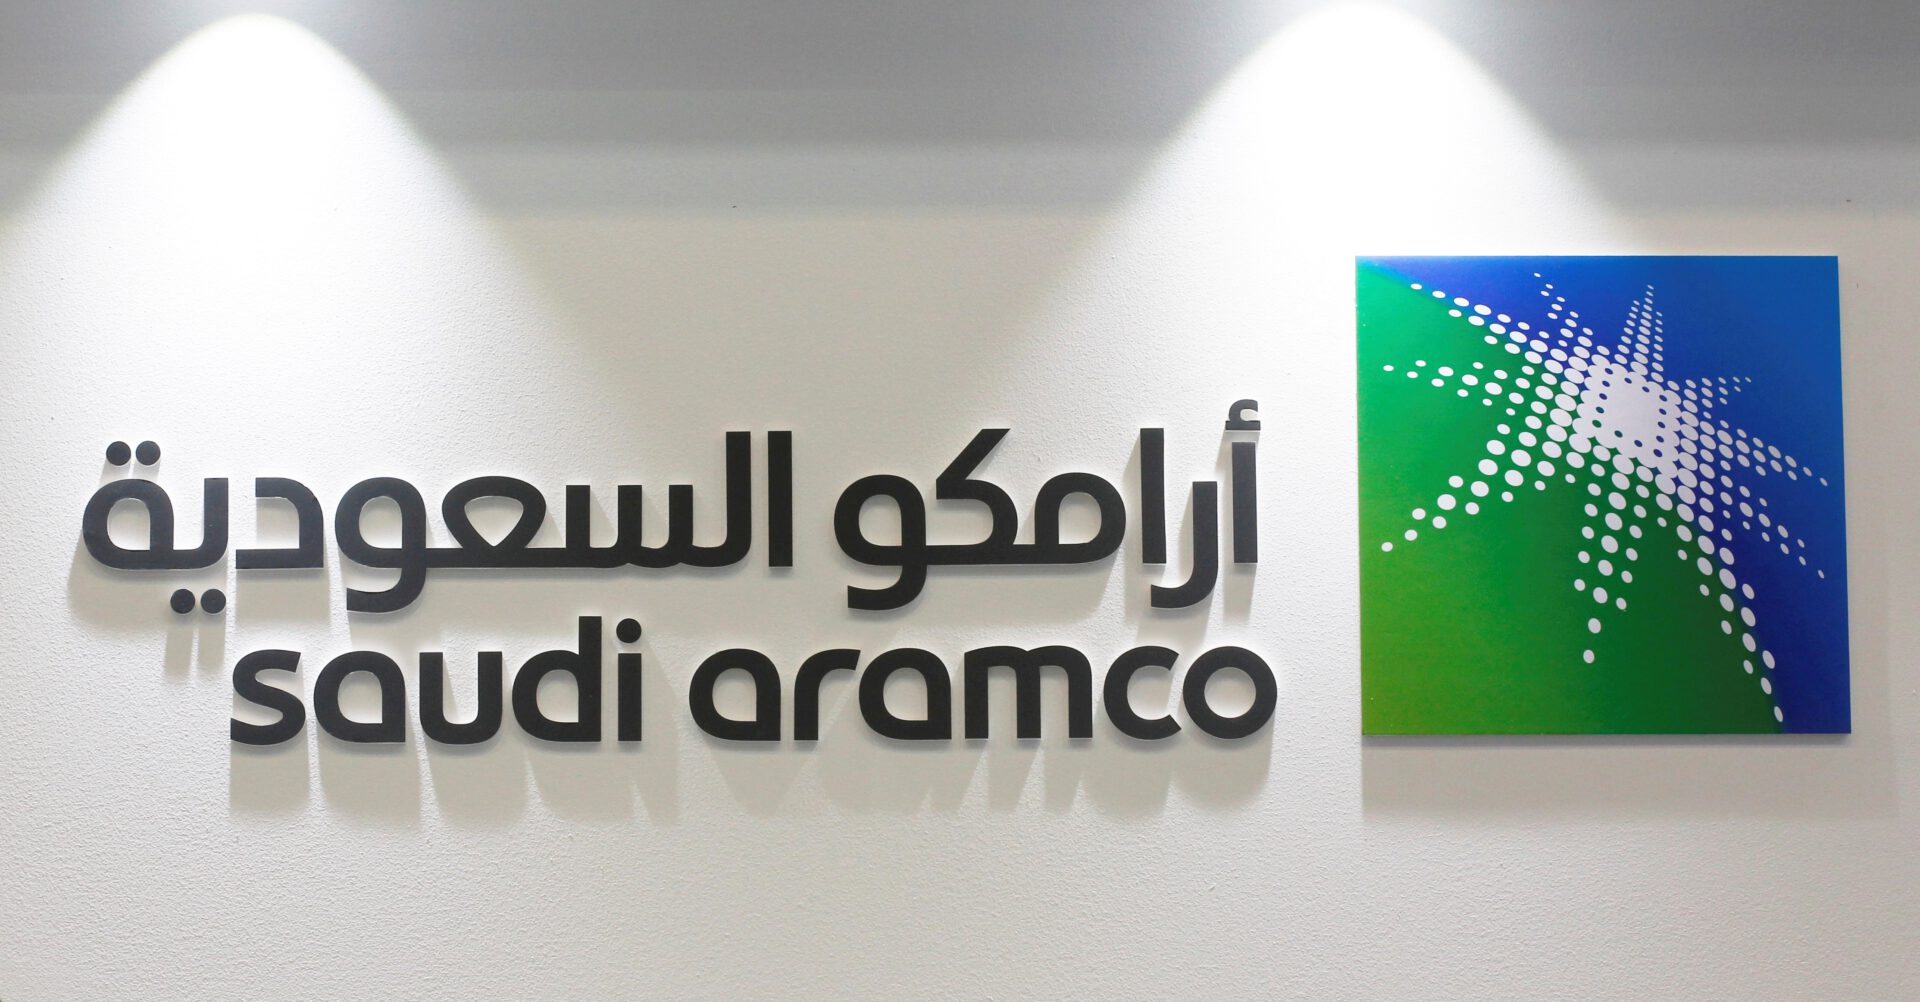 """Tin đồn: """"Đại gia"""" dầu mỏ Saudi Aramco đang có kế hoạch bắt đầu khai thác Bitcoin"""